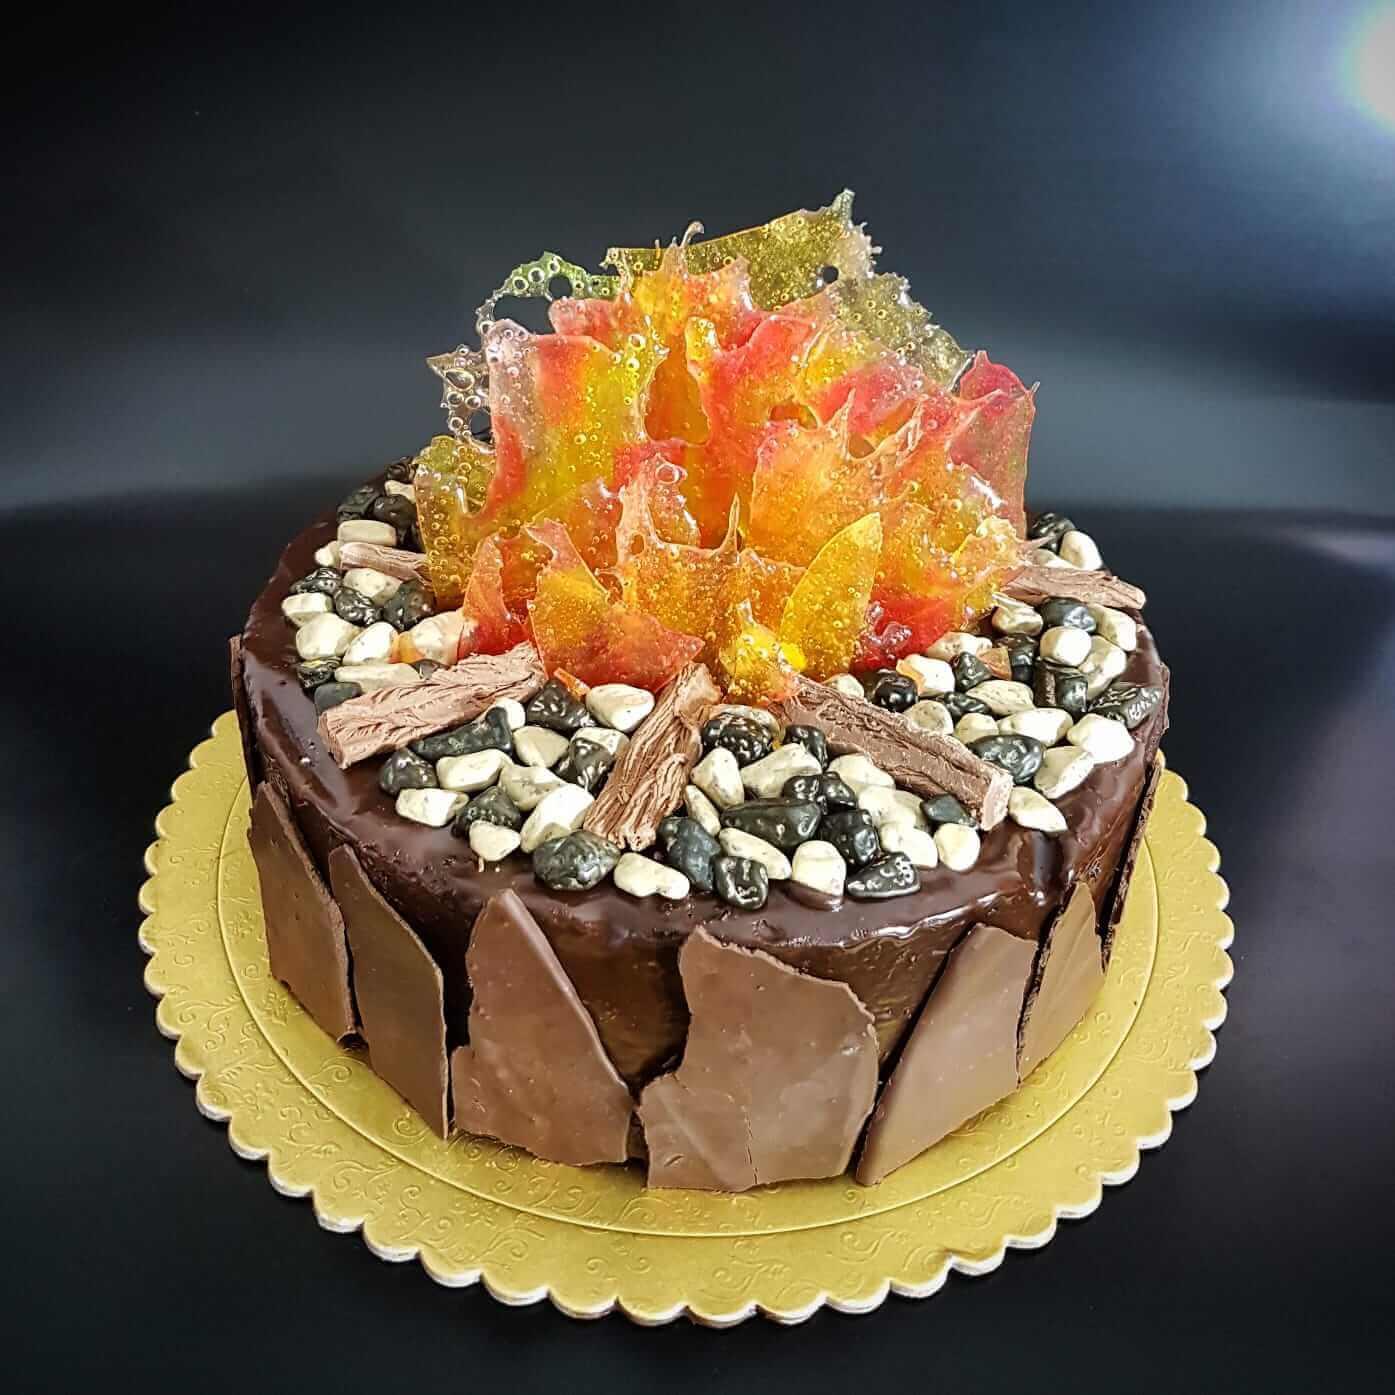 עוגה מעוצבת ללג בעומר